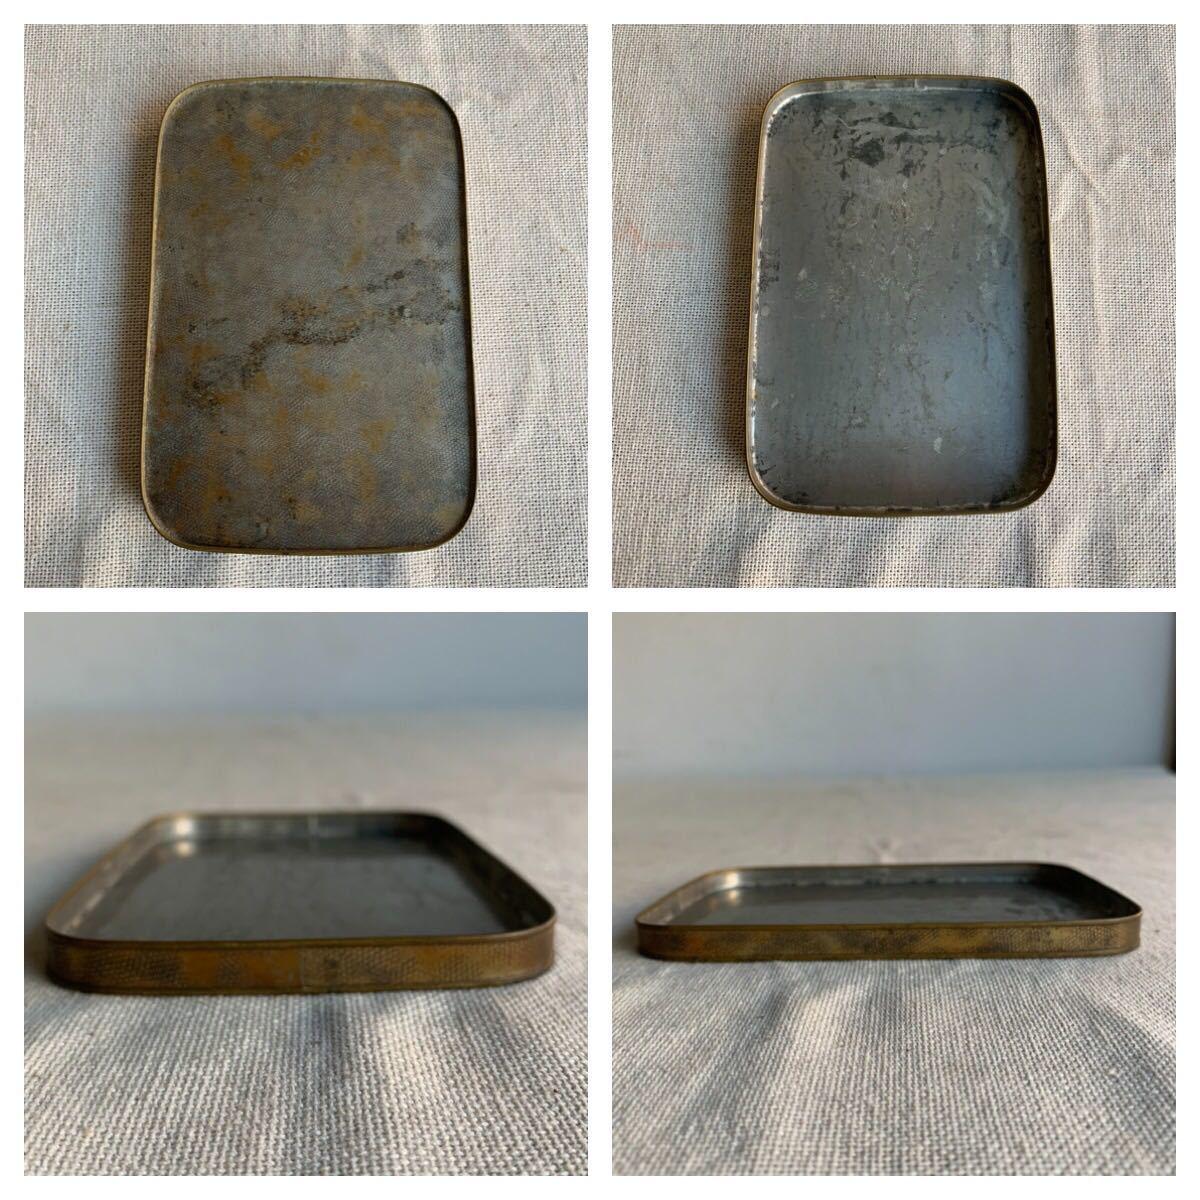 古い真鍮製の入れ子箱2個セット ケース収納旧家蔵出レトロ古民家古道具古物骨董アンティークビンテージシャビーインテリアディスプレイ整理_画像7